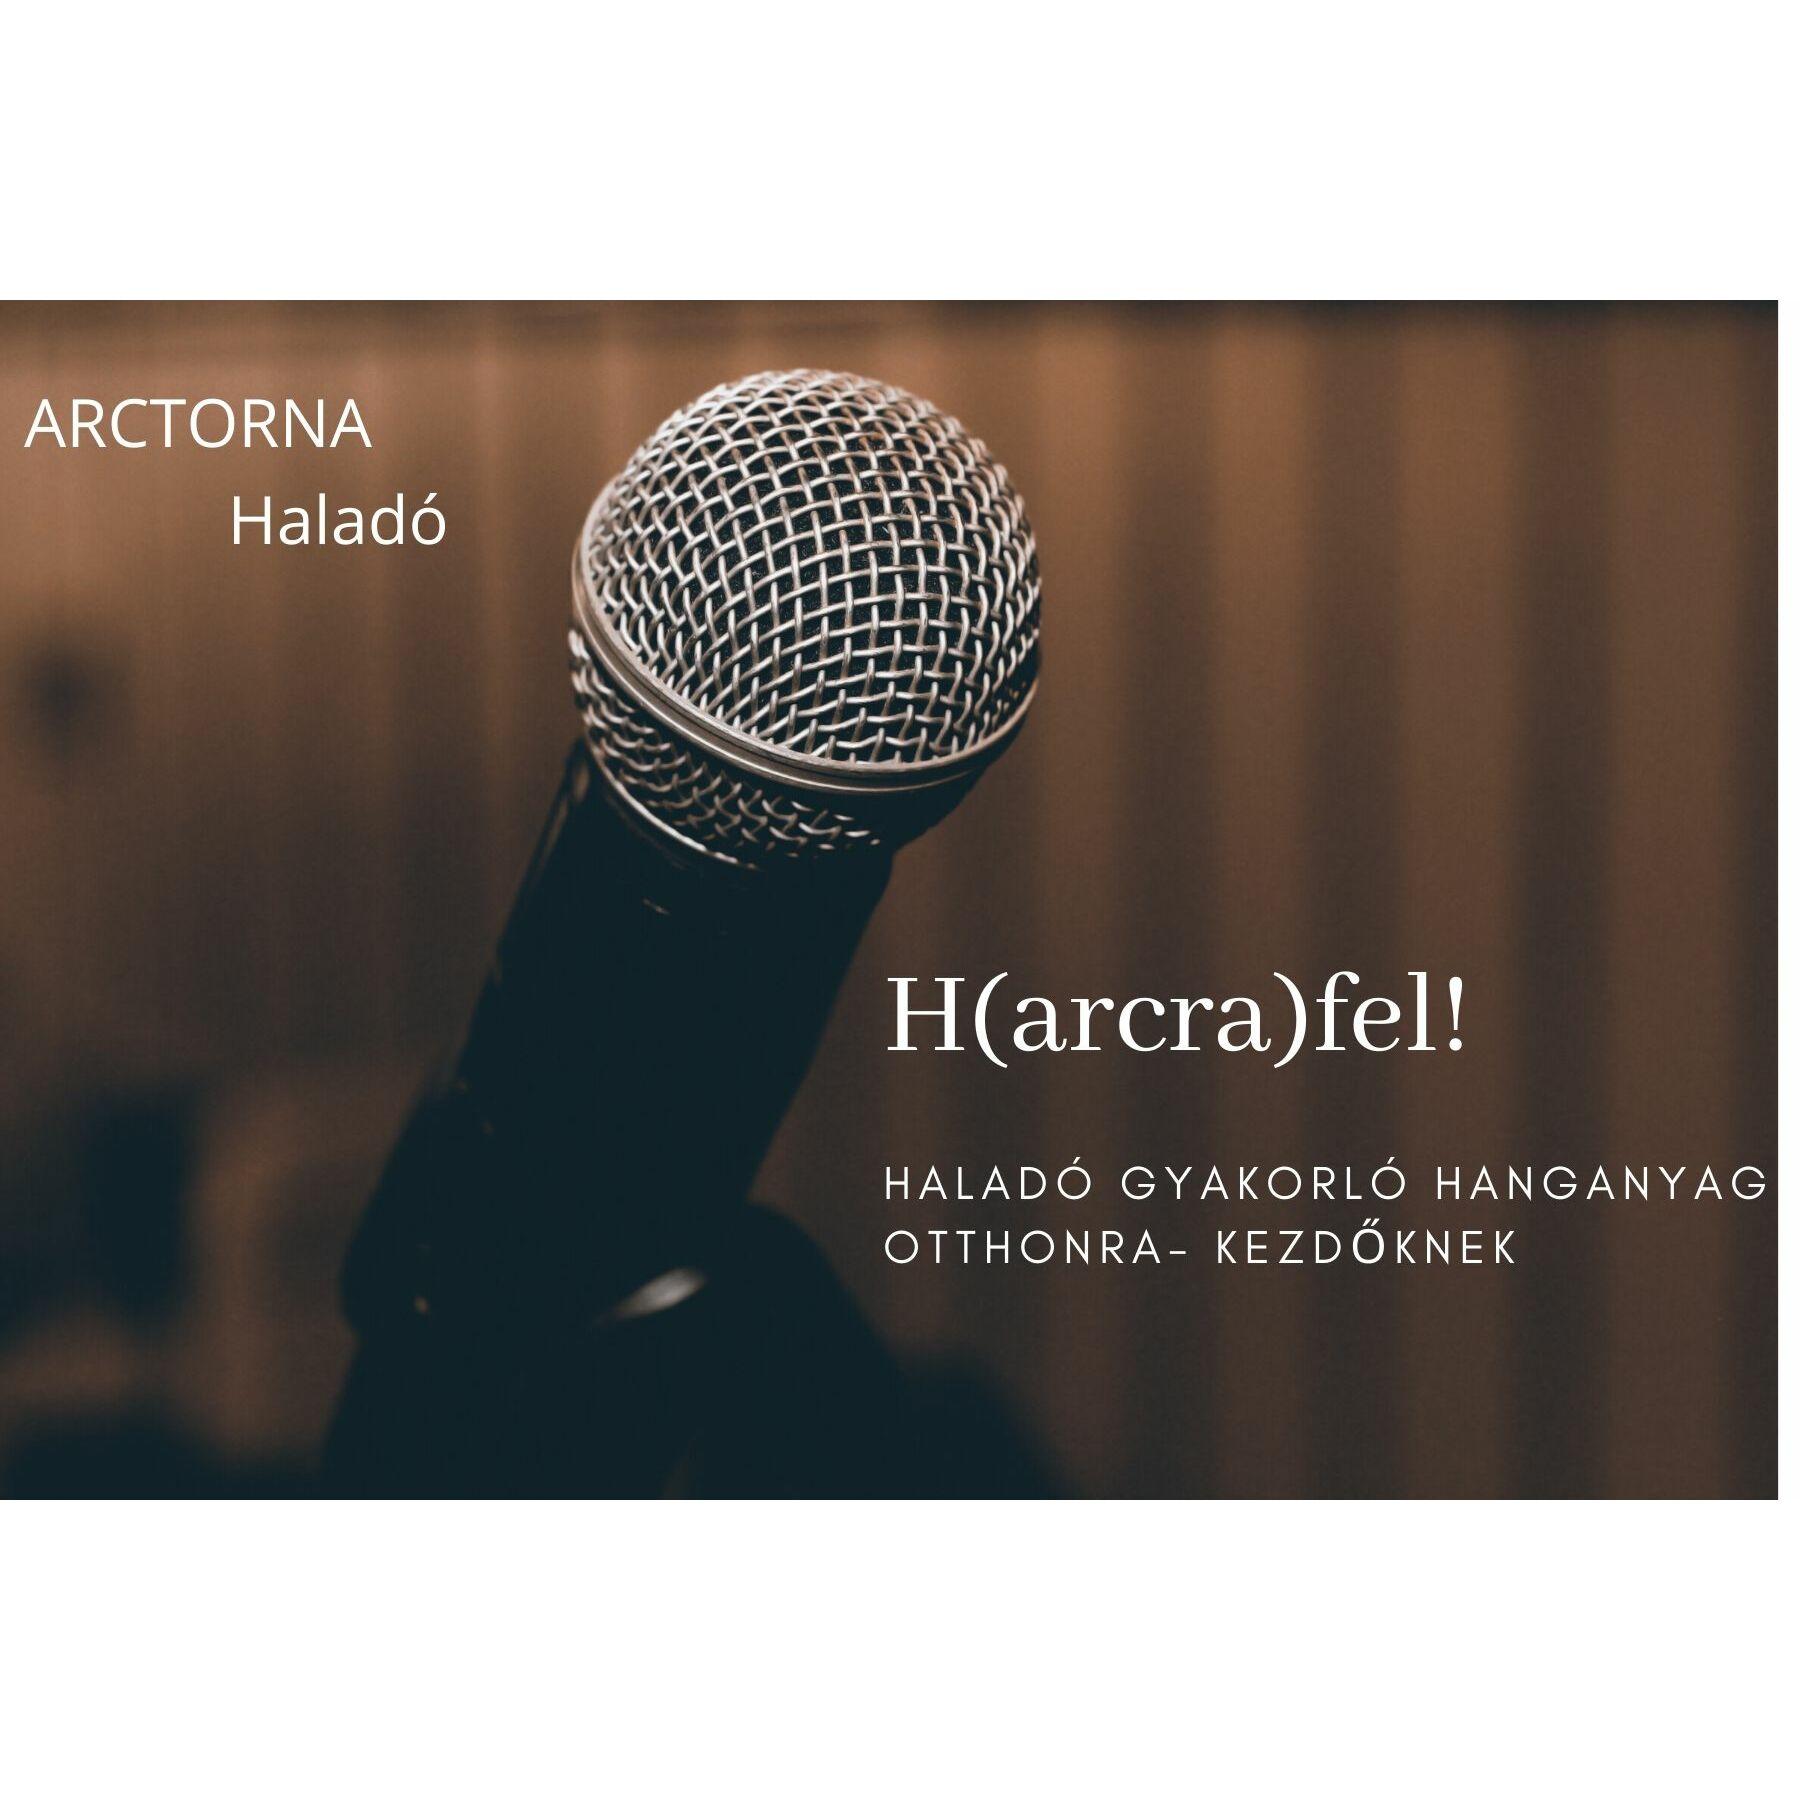 H(ARCRA)FEL! ONLINE GYAKORLÓ PROGRAM KEZDŐKNEK I. NEGYEDÉV